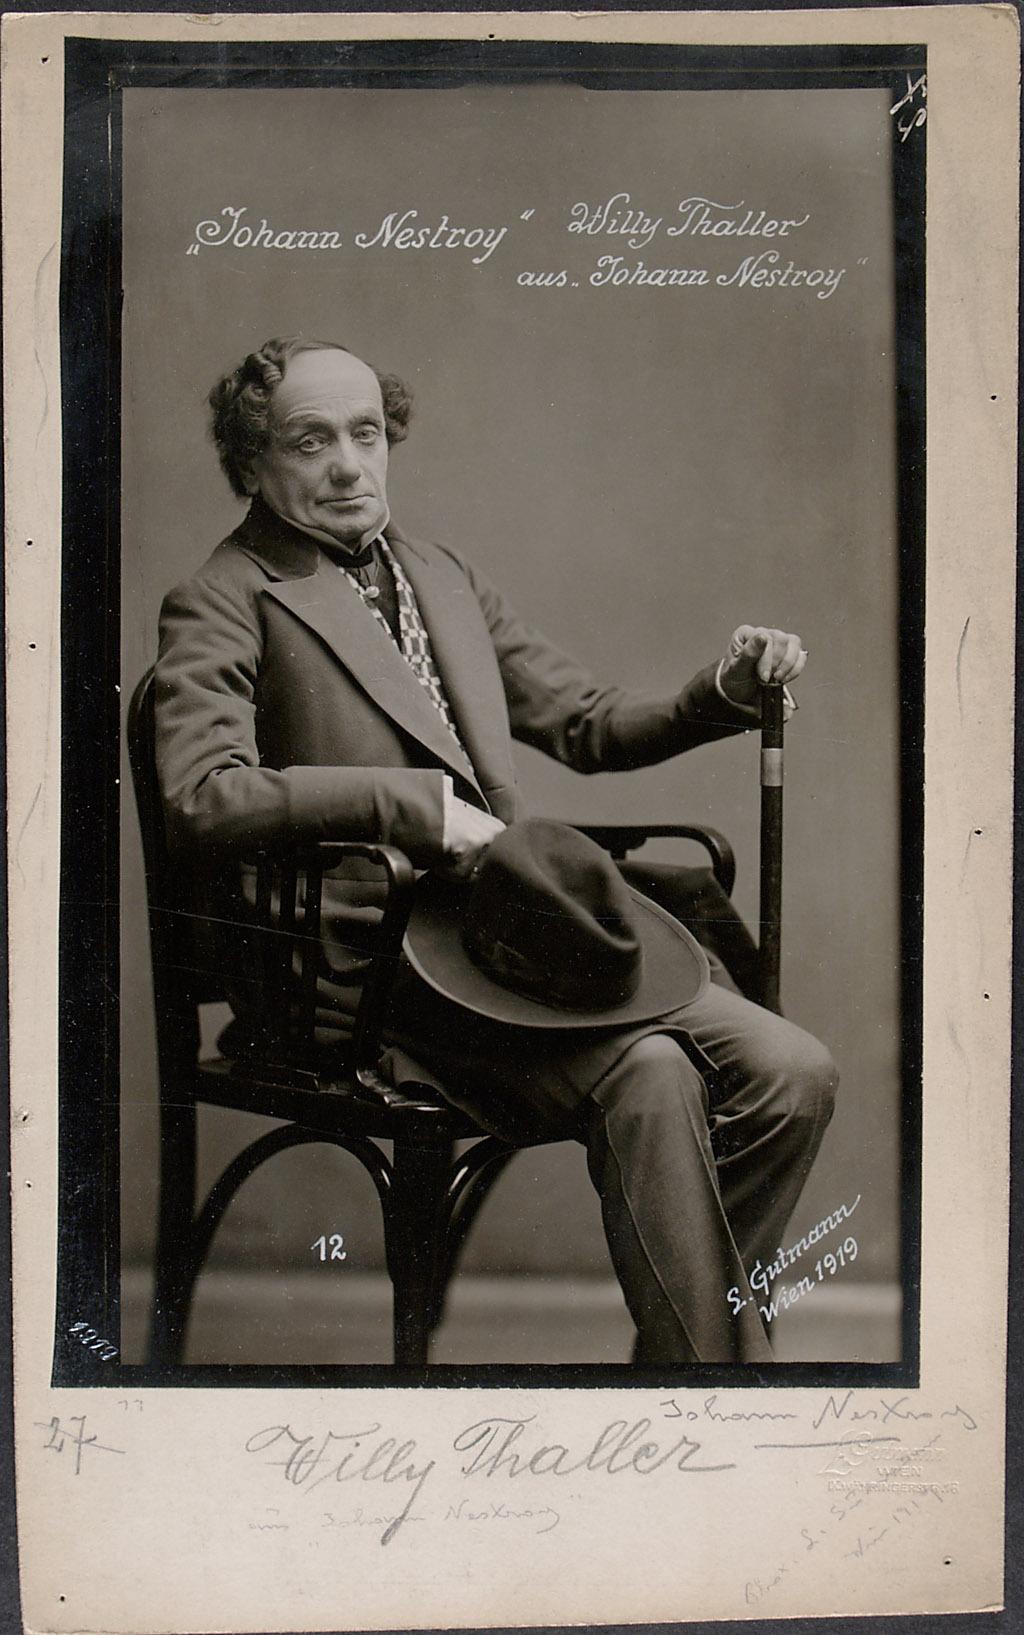 Willi Thaller von Ludwig Gutmann, Wien